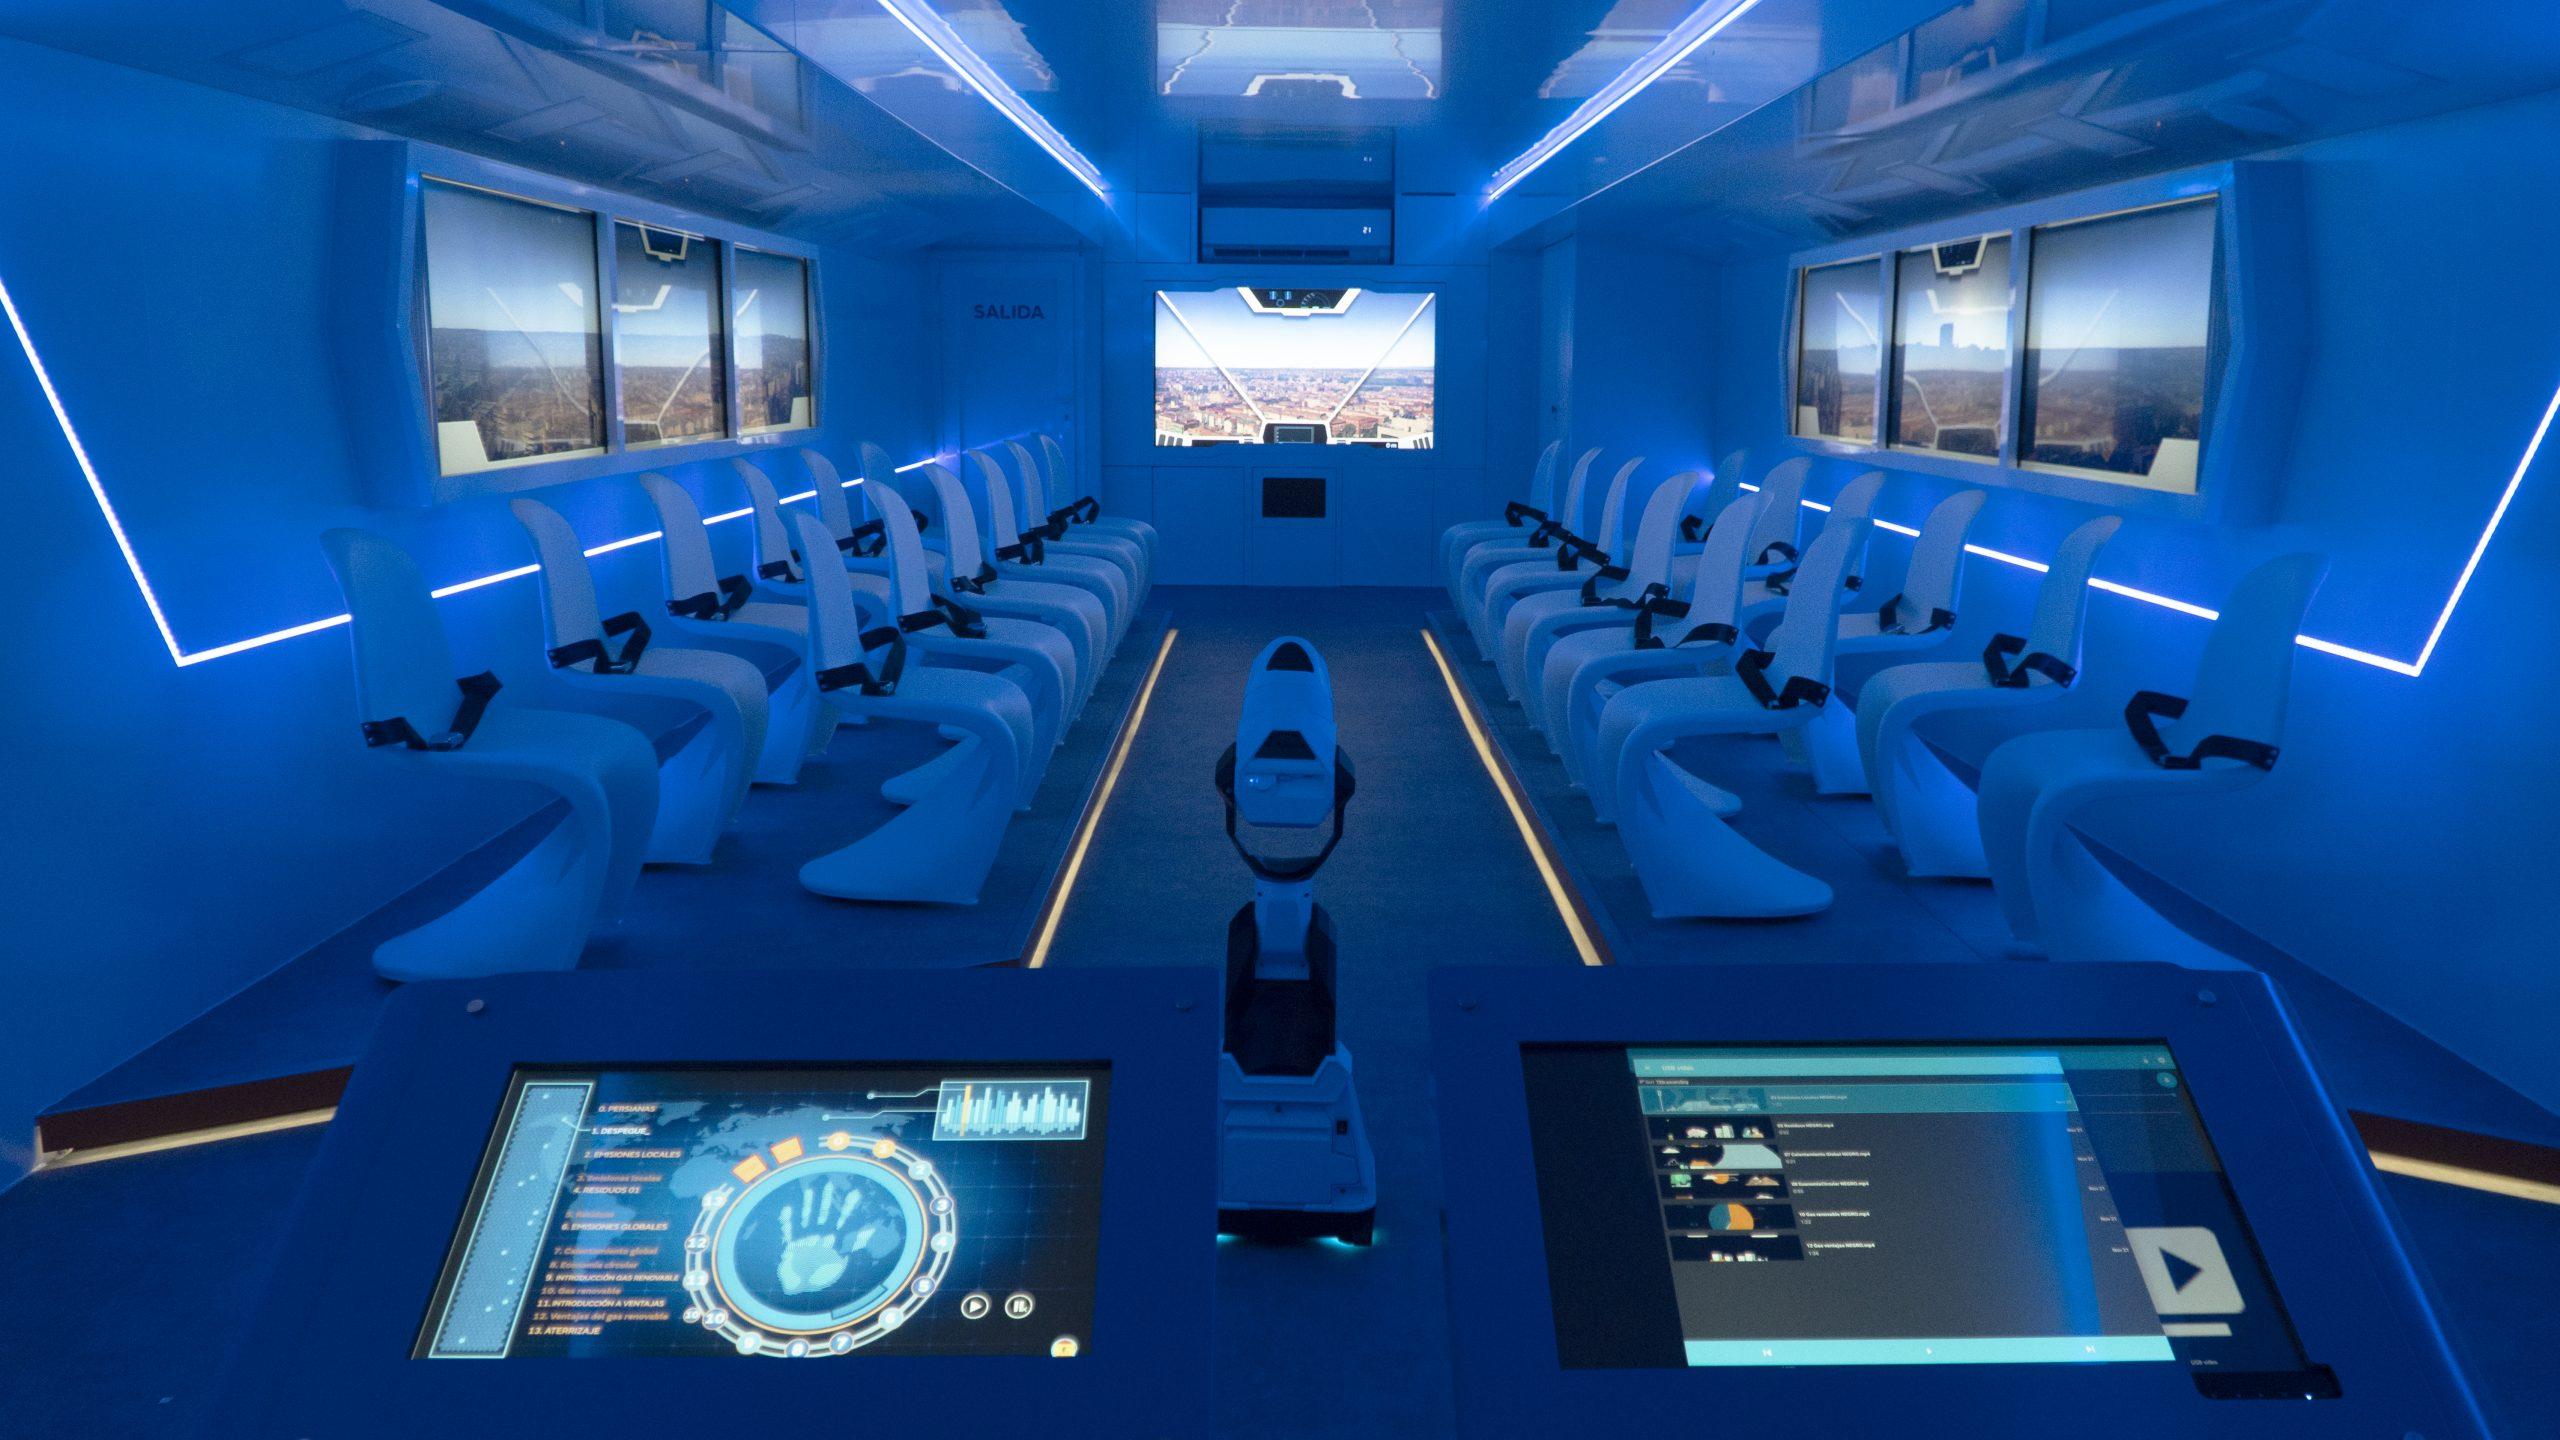 Naturgy 'aterrizará' durante las navidades en Ponferrada con una aeronave futurista llena de propuestas para resolver el desafío energético 1